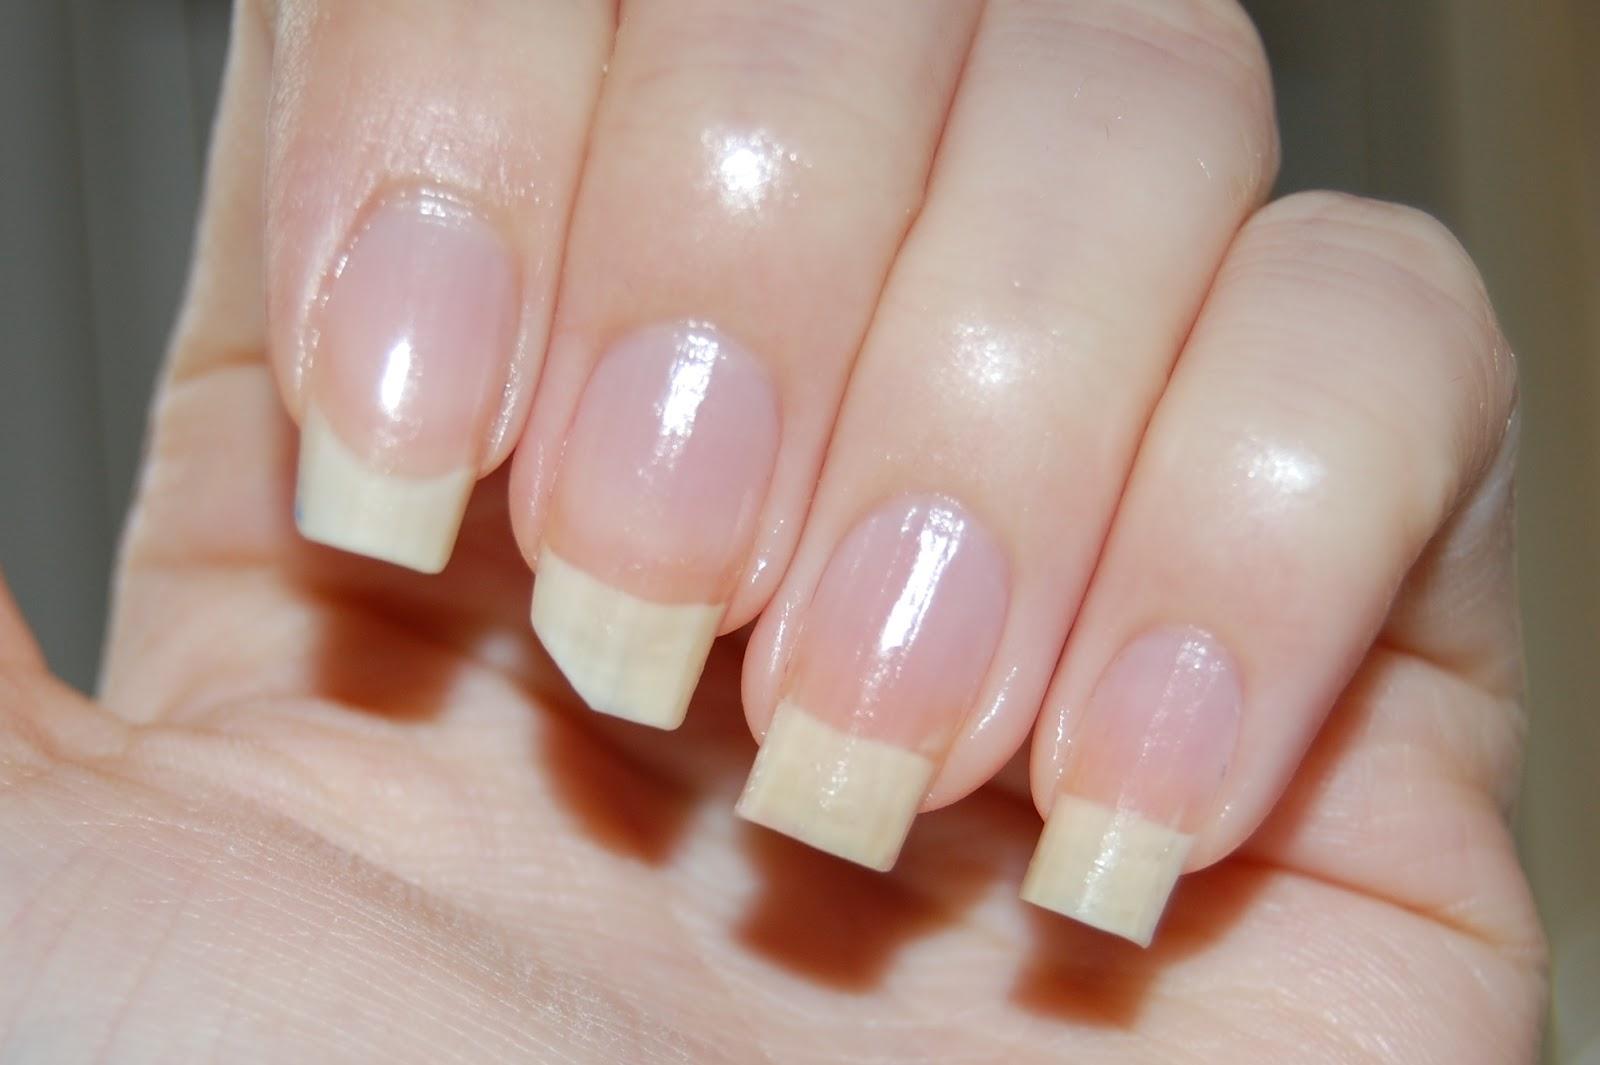 Nails break